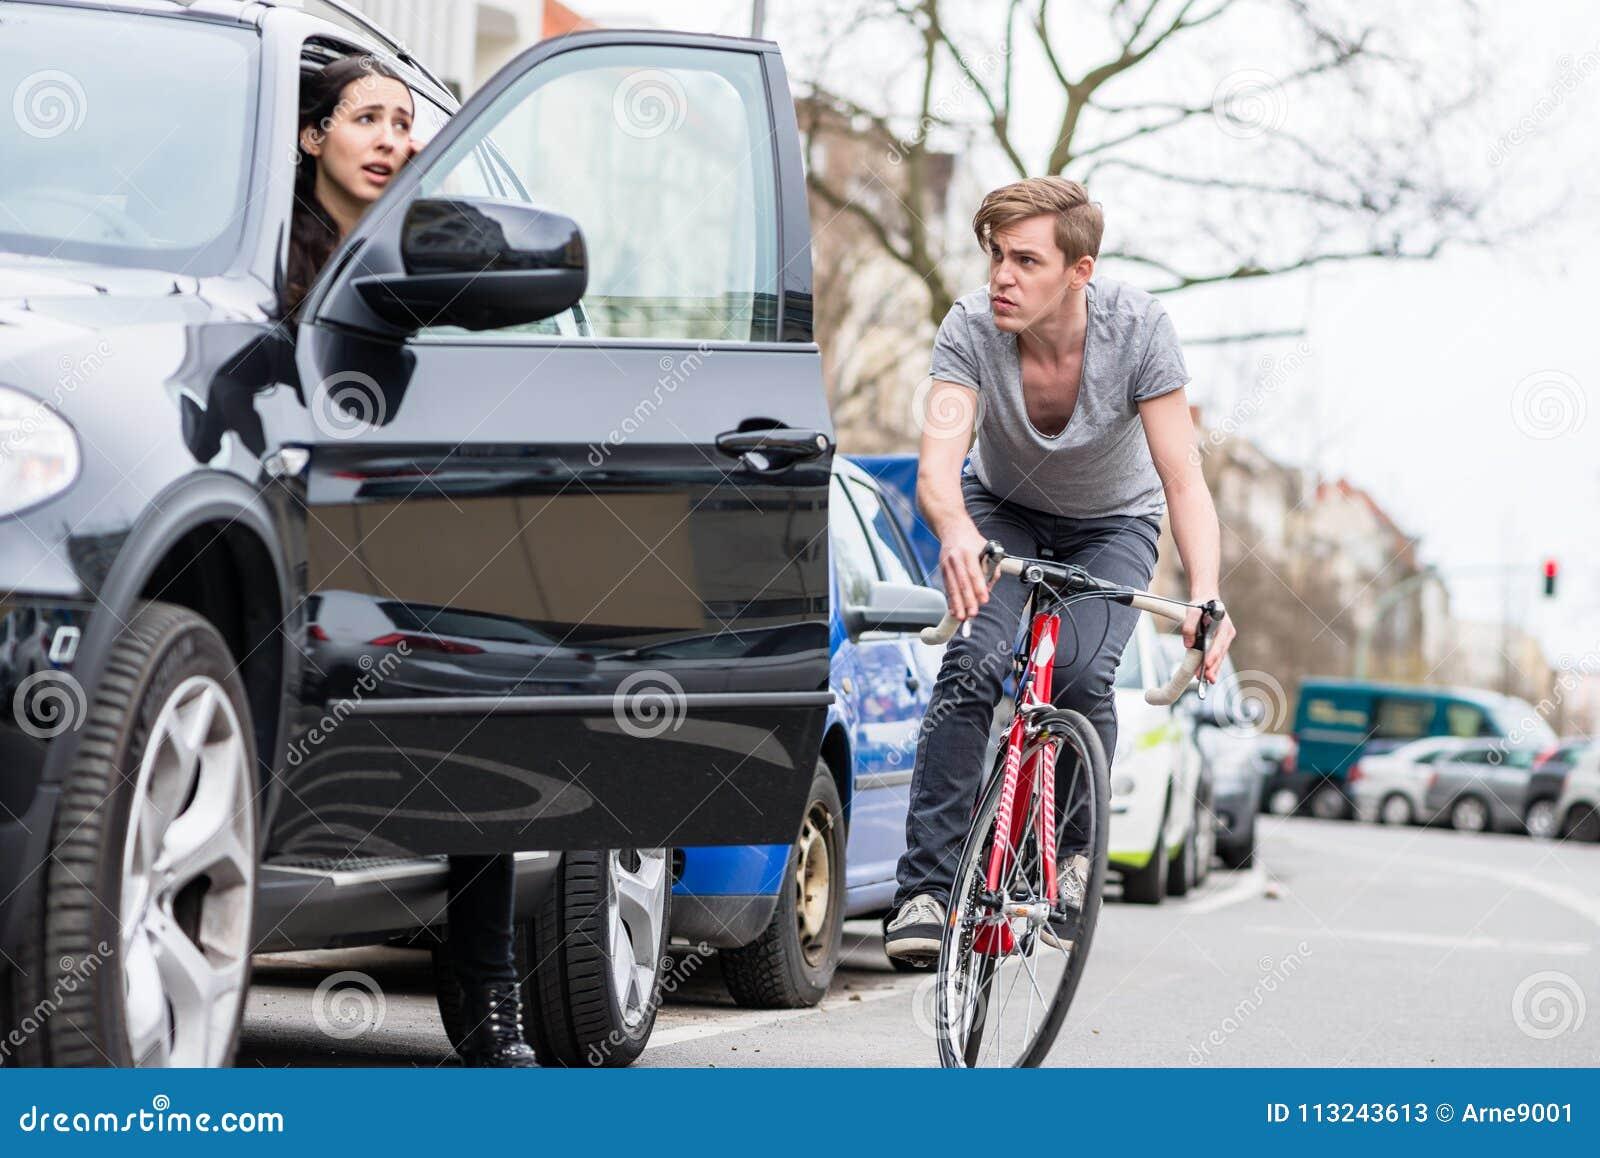 Ciclista joven que grita mientras que desvía para evitar la colisión peligrosa